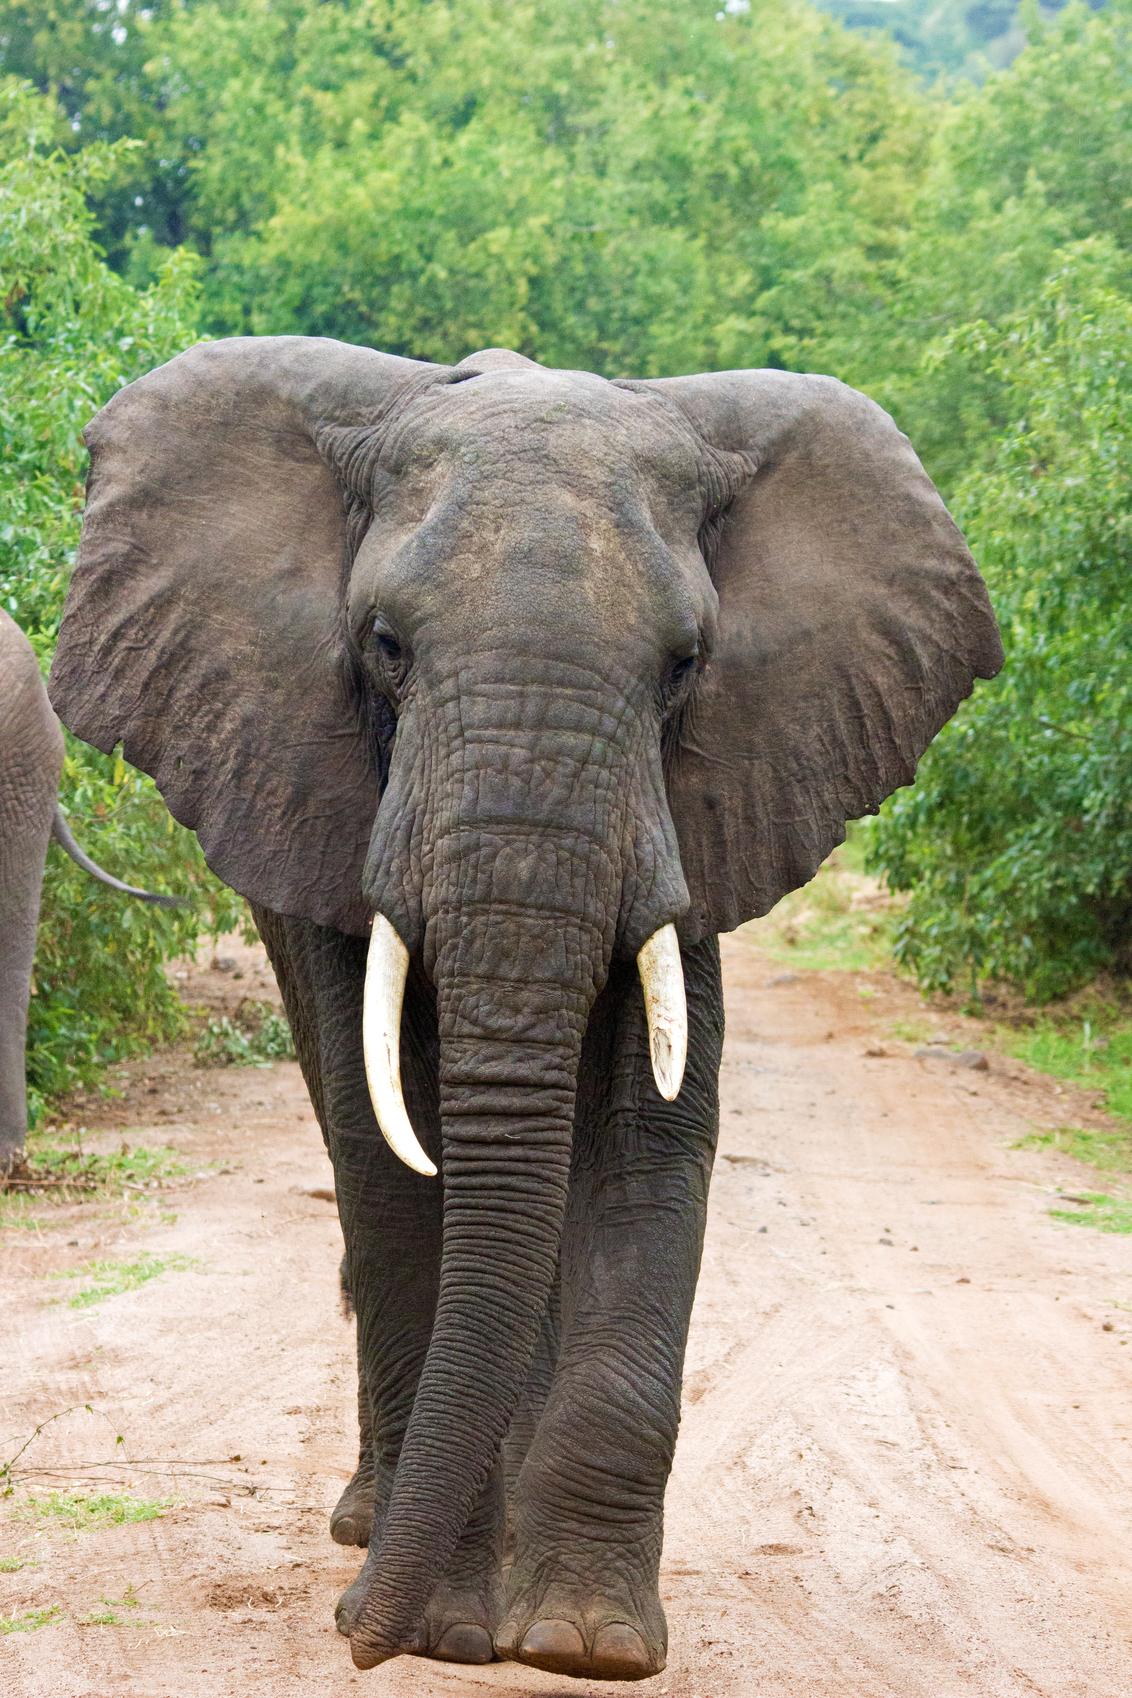 Olifant op de weg - - - foto door marc_v_o op 19-02-2017 - deze foto bevat: natuur, dieren, safari, olifant, afrika